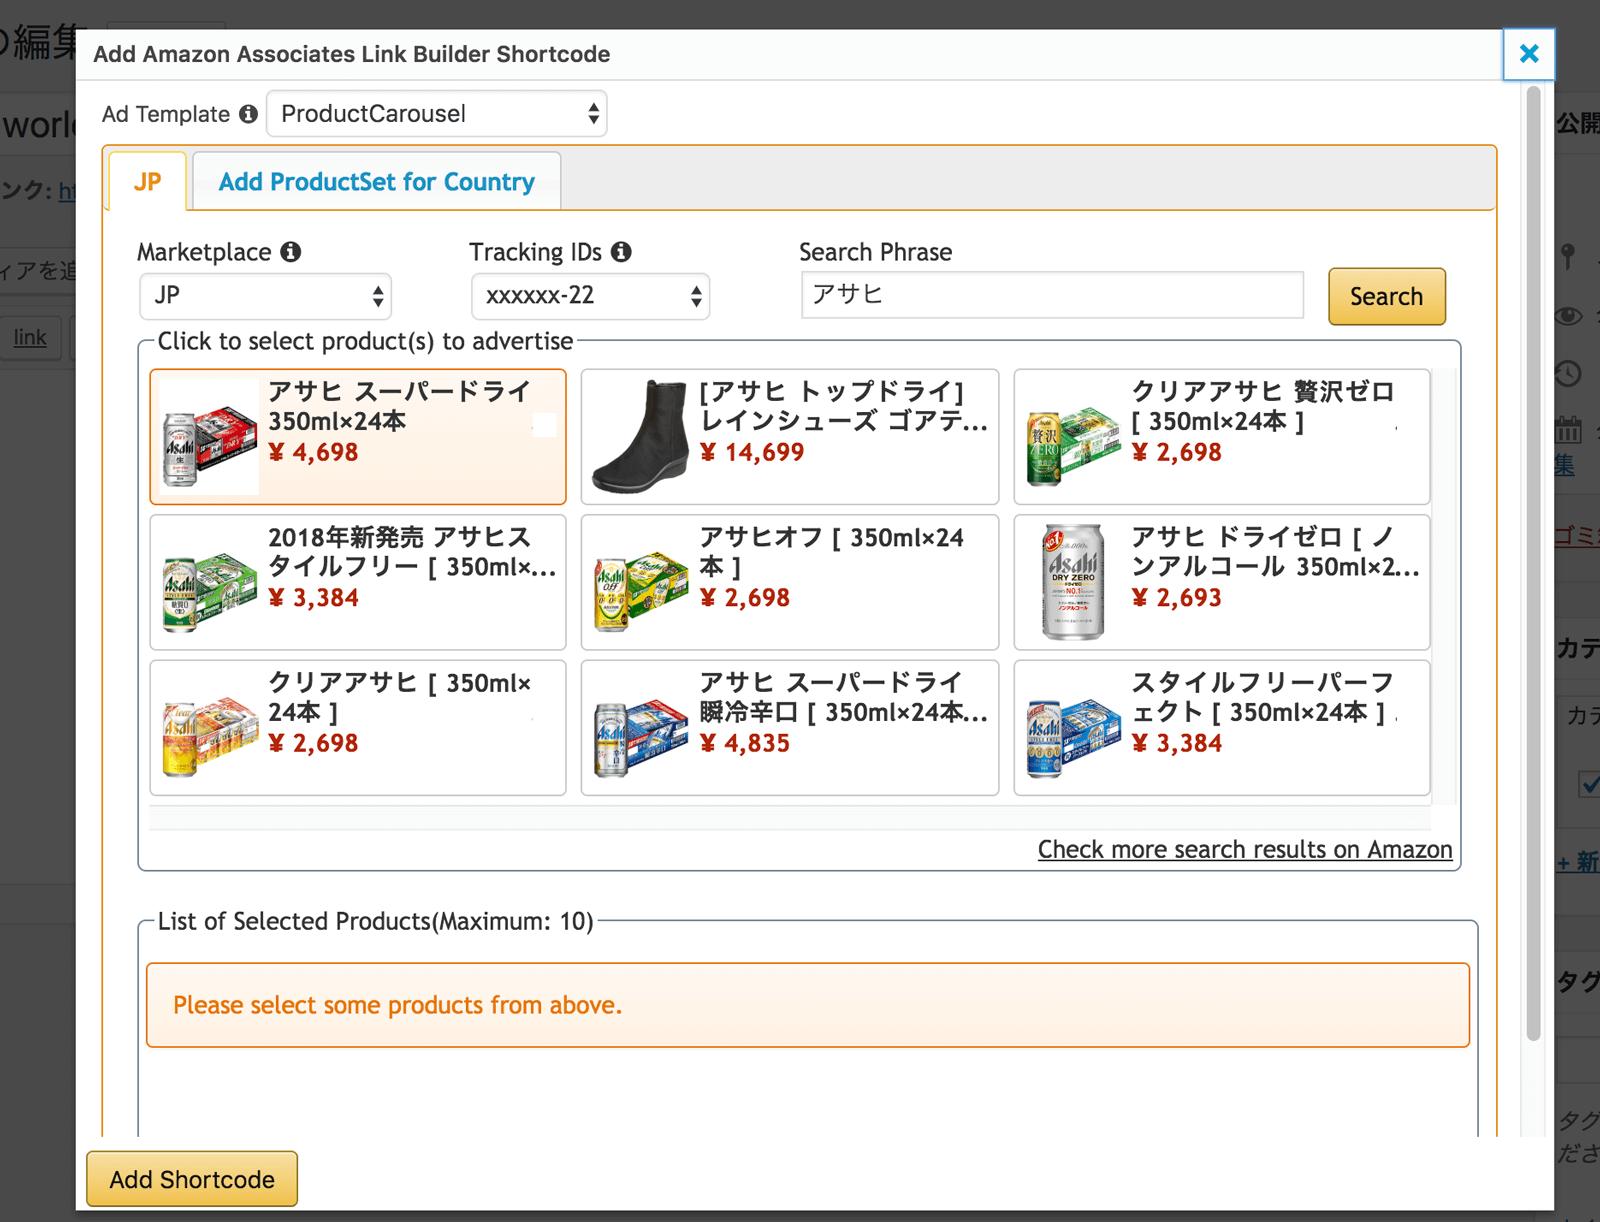 商品検索結果が表示される